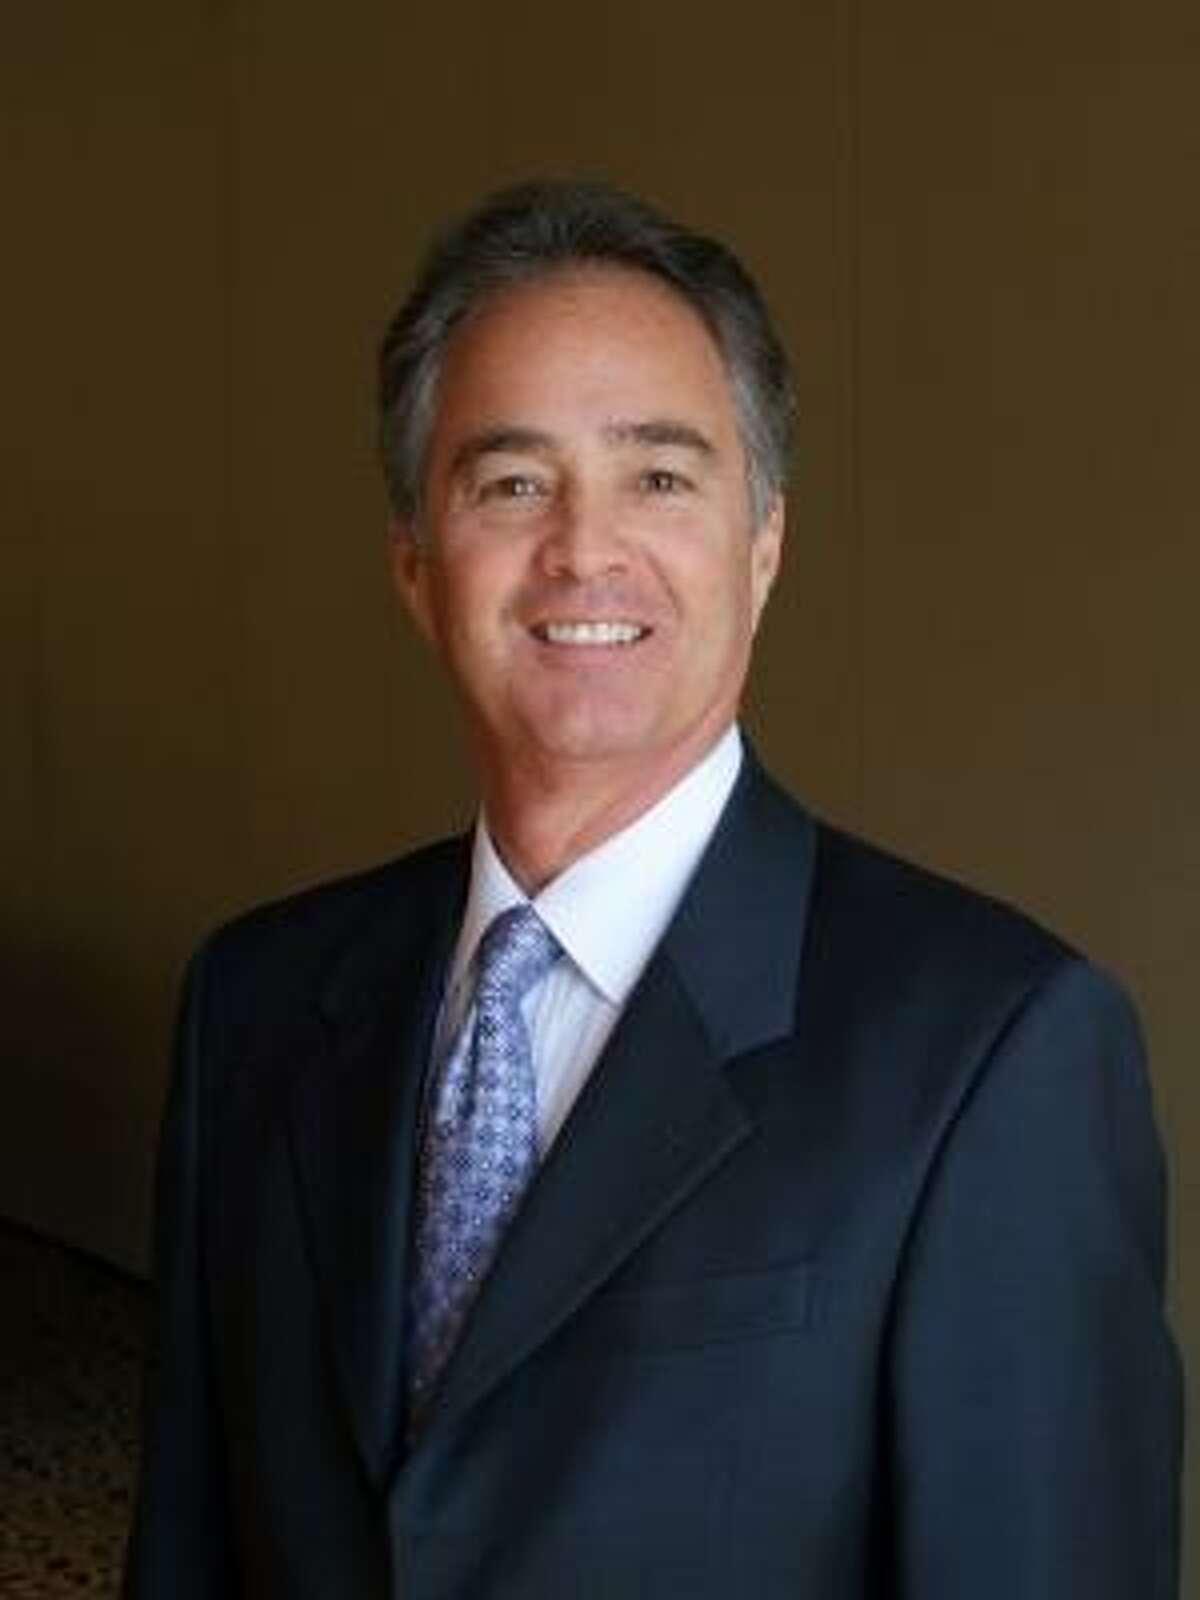 Cary Wilson, HADA chairman